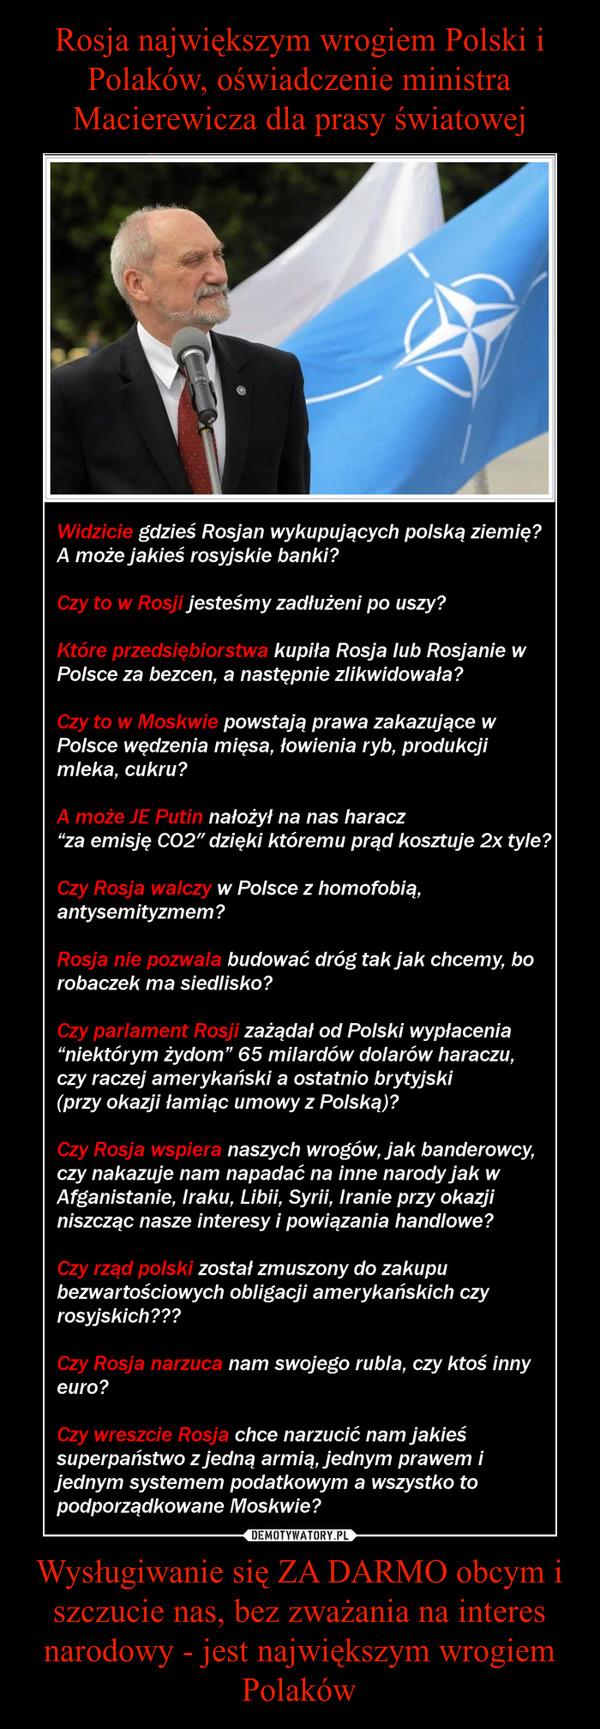 Wysługiwanie się ZA DARMO obcym i szczucie nas, bez zważania na interes narodowy - jest największym wrogiem Polaków –